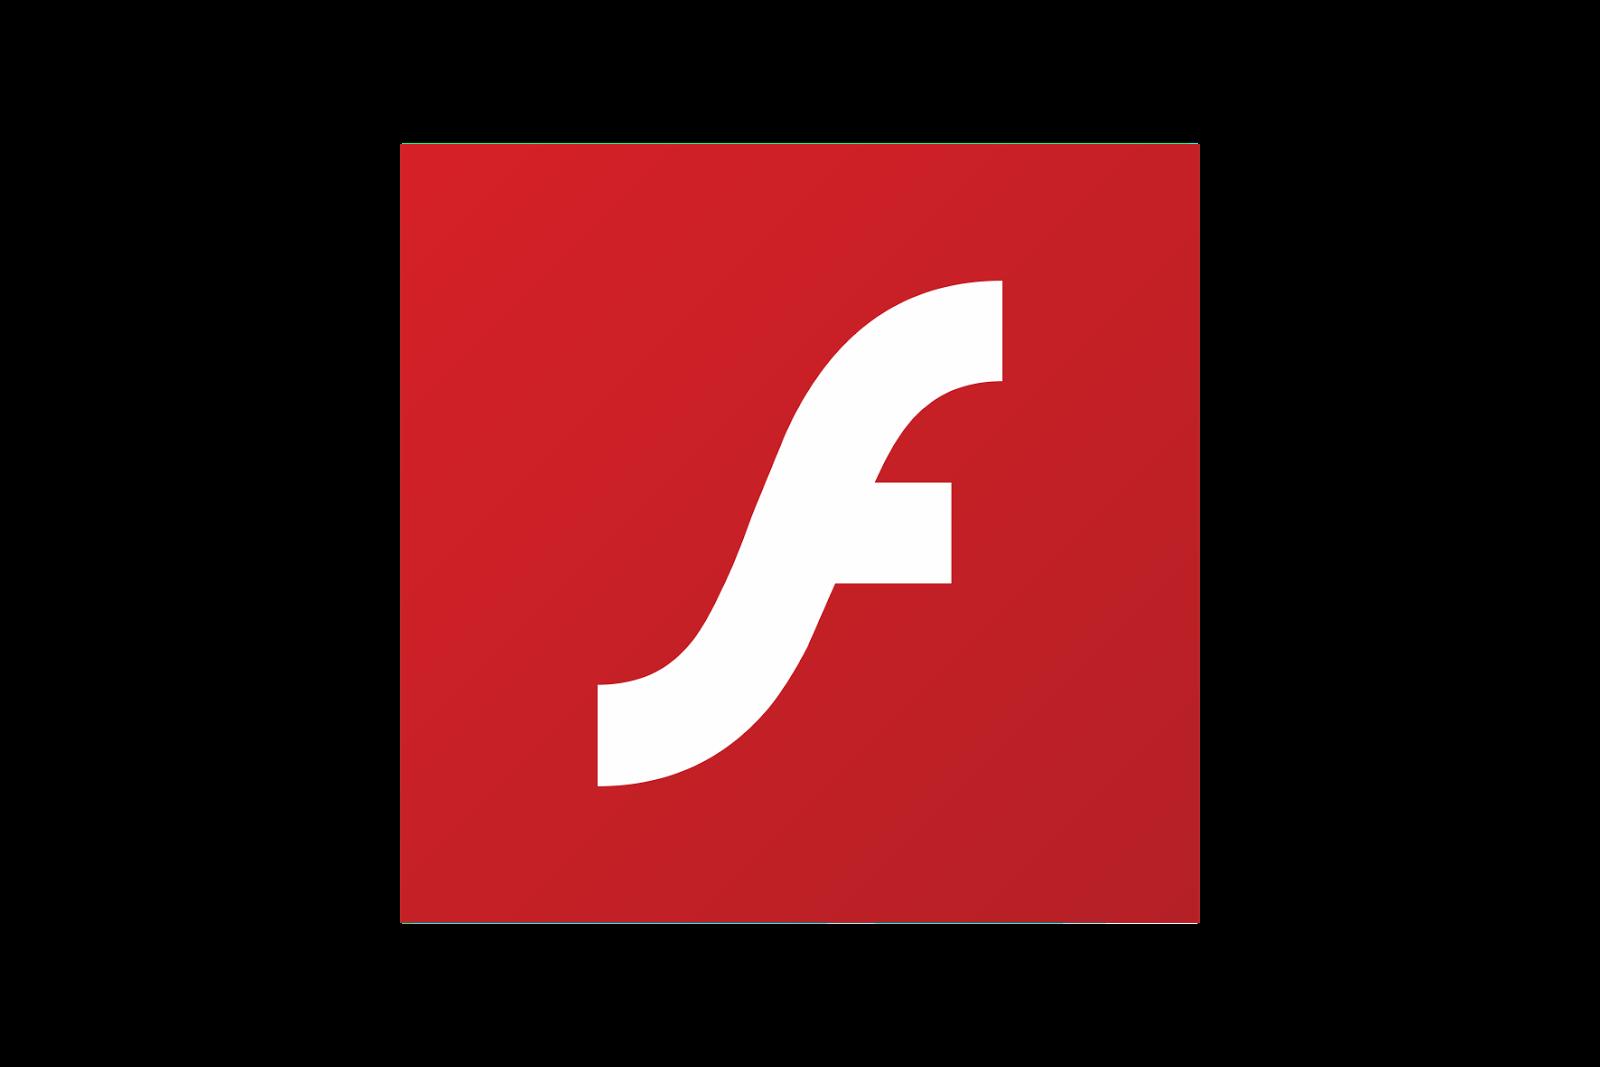 Alerta flash player est com os dias contados rdios devem se alerta flash player est com os dias contados rdios devem se adaptar sertsc reheart Choice Image